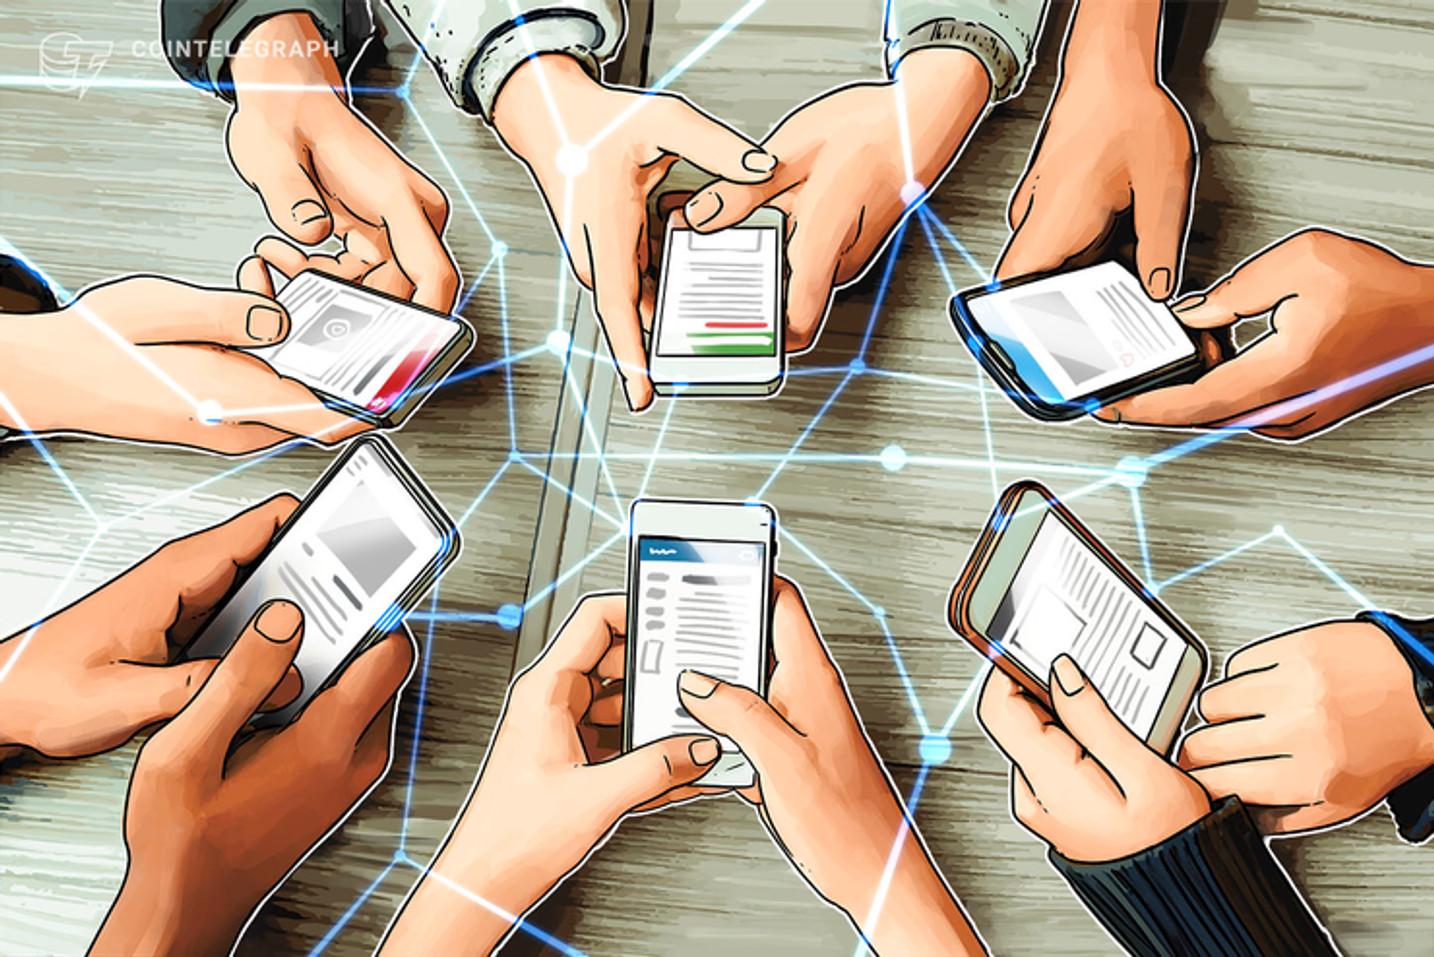 Site de reclamações português passa a registrar informações em blockchain